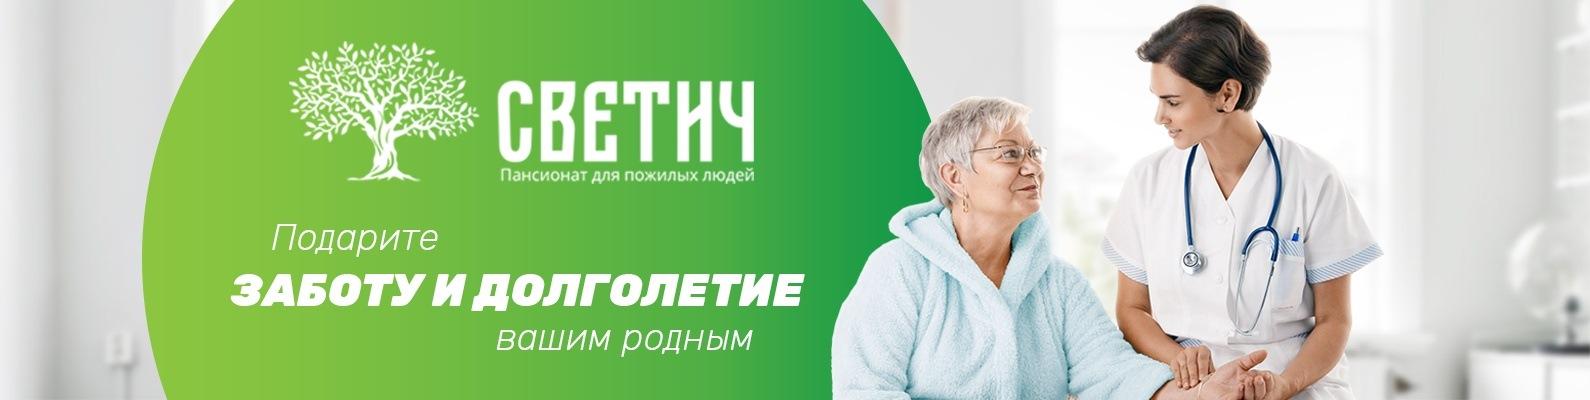 Частный пансионат для пожилых людей в калуге частные дома престарелых недорогие московская область